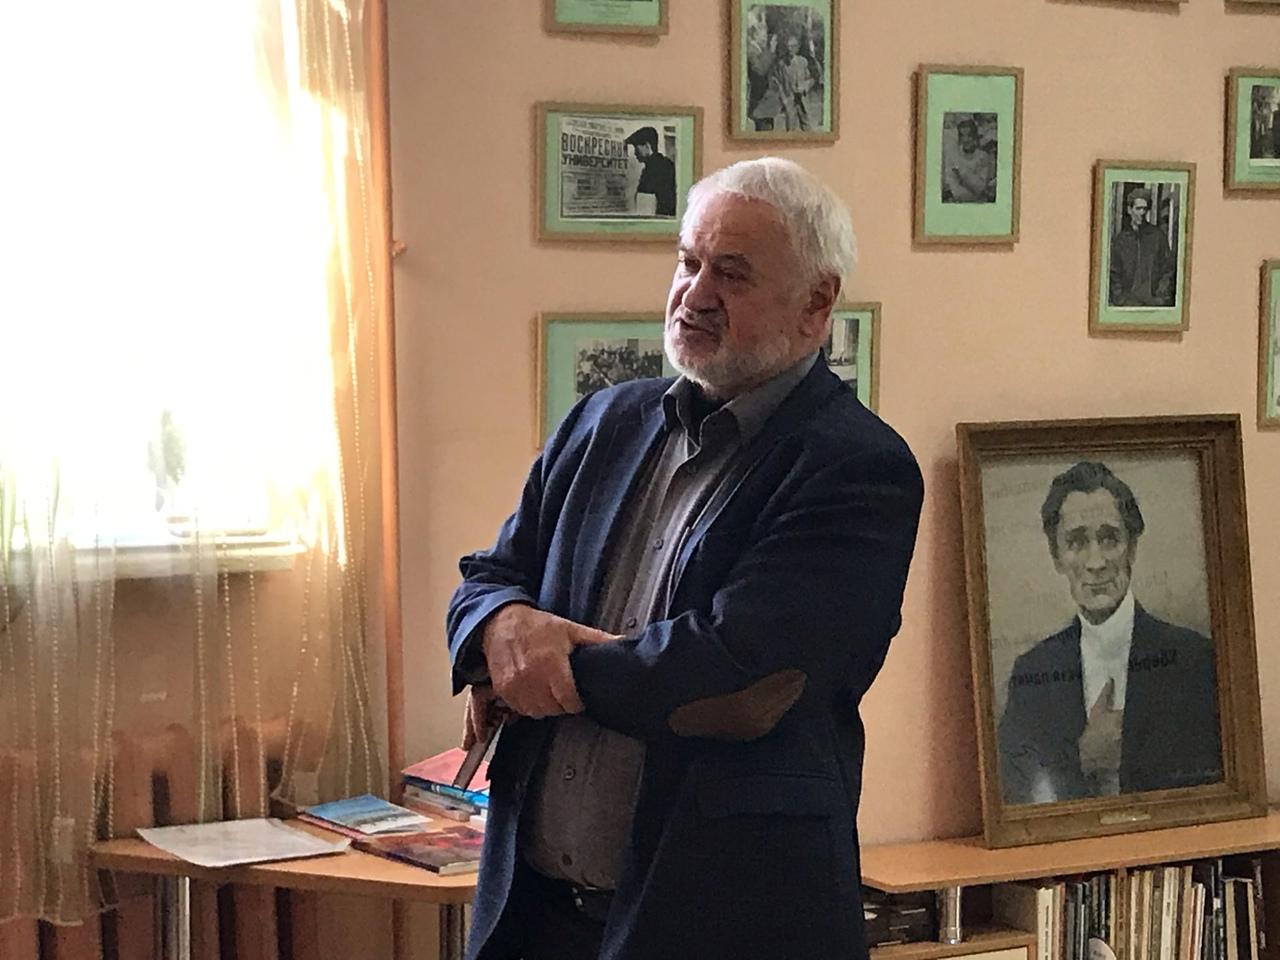 Корифей вятской журналистики Василий Смирнов отмечает свой 70-летний юбилей